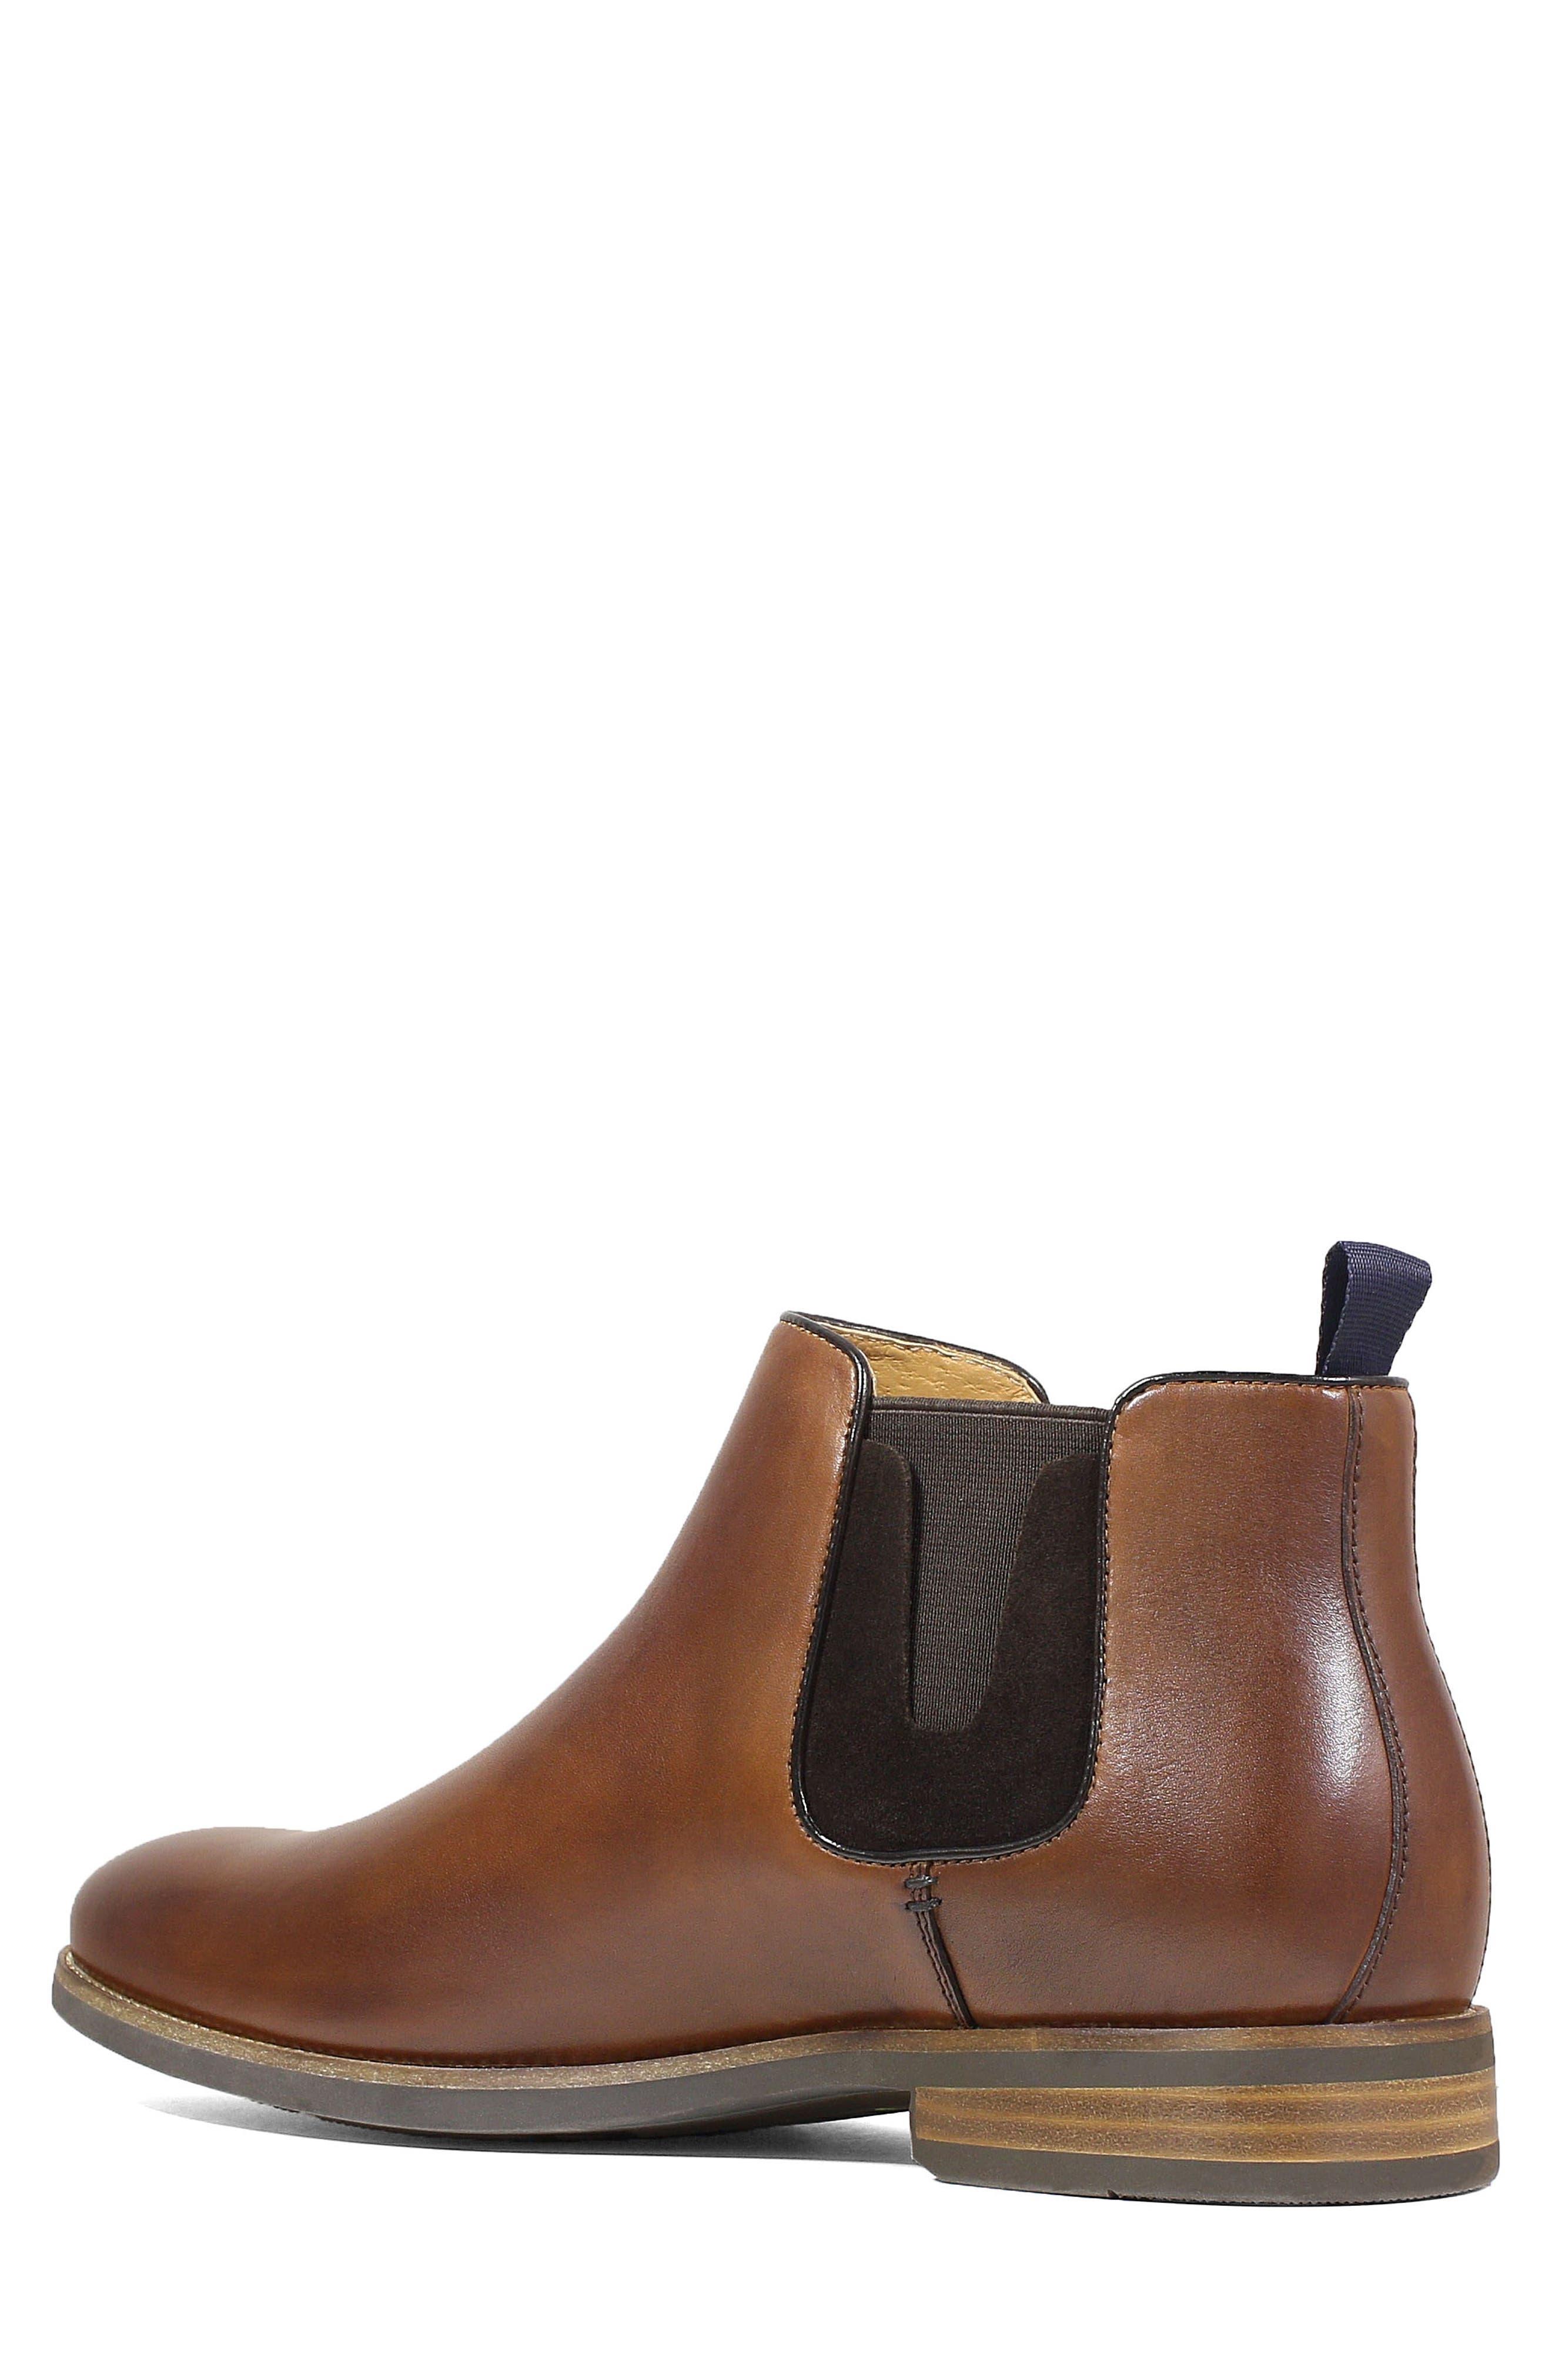 FLORSHEIM, Uptown Plain Toe Mid Chelsea Boot, Alternate thumbnail 2, color, COGNAC LEATHER